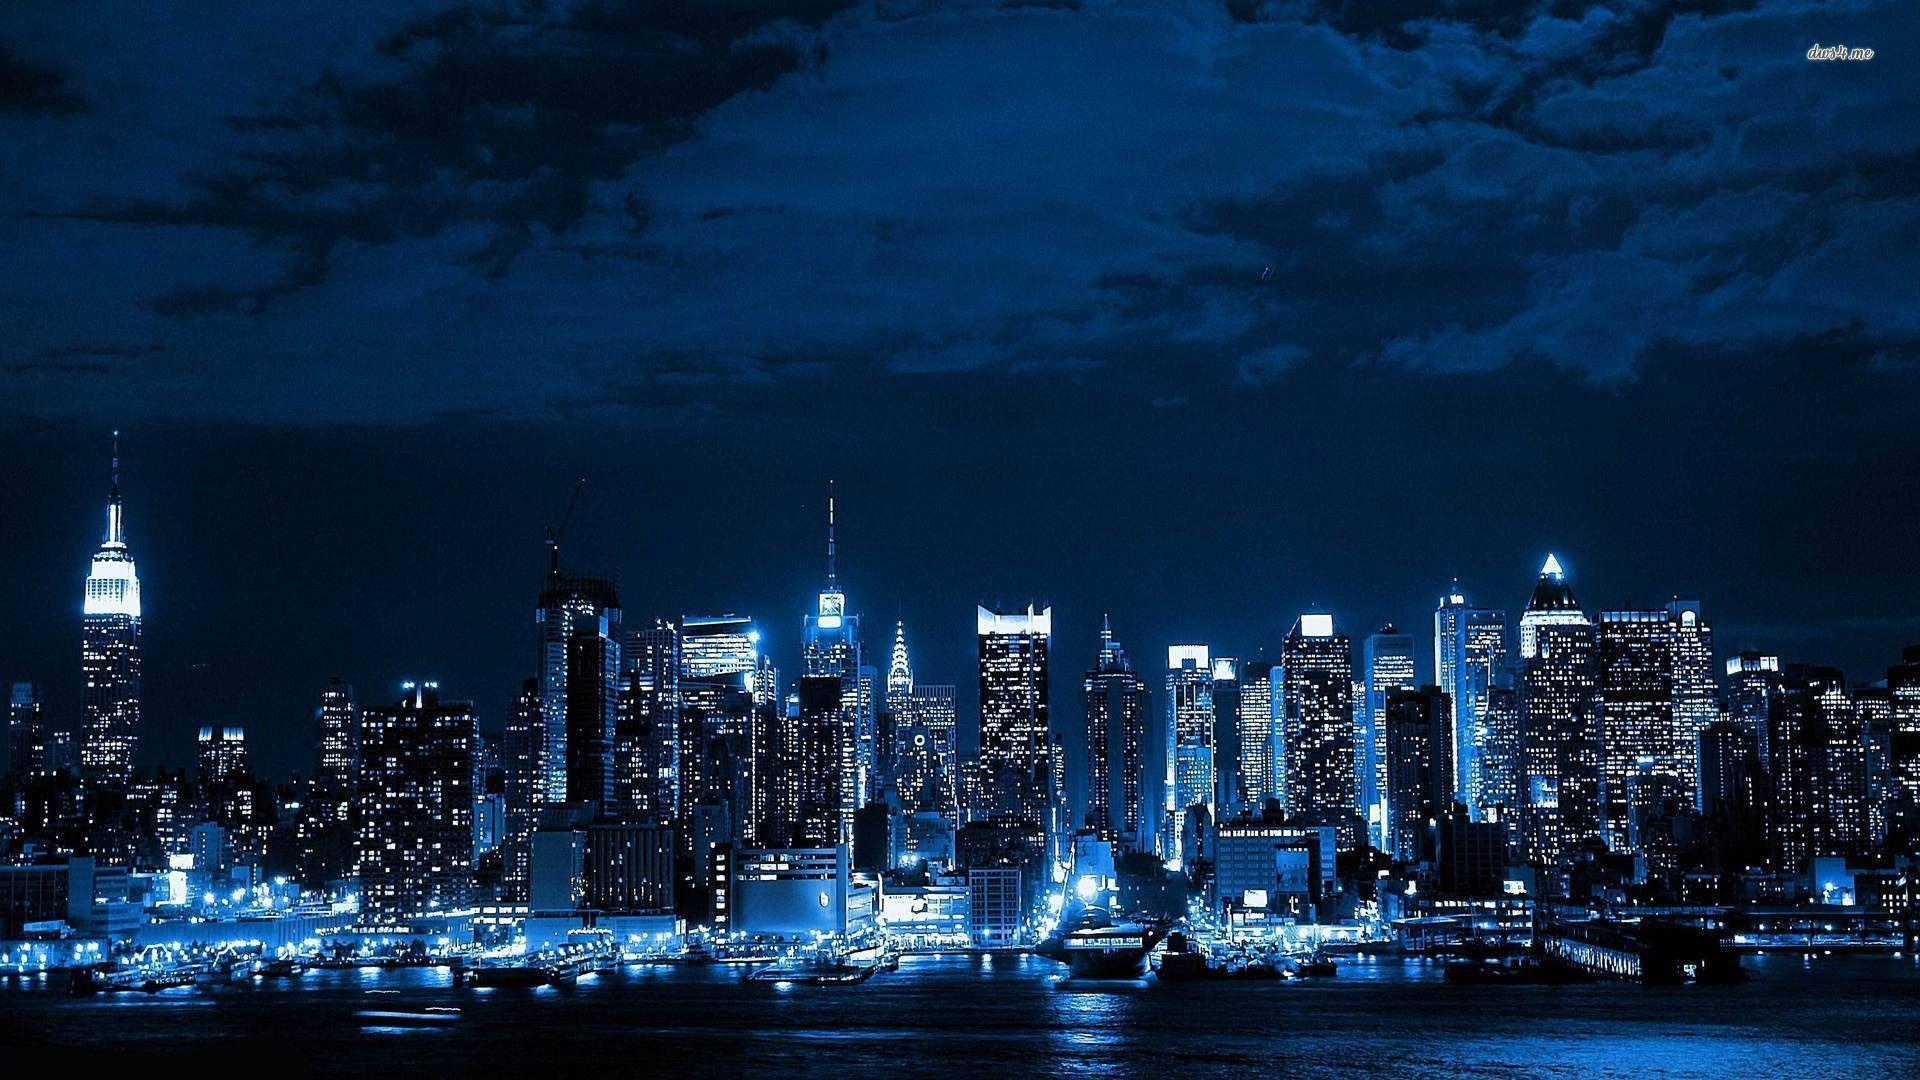 City Skyline Backgrounds 1920x1080